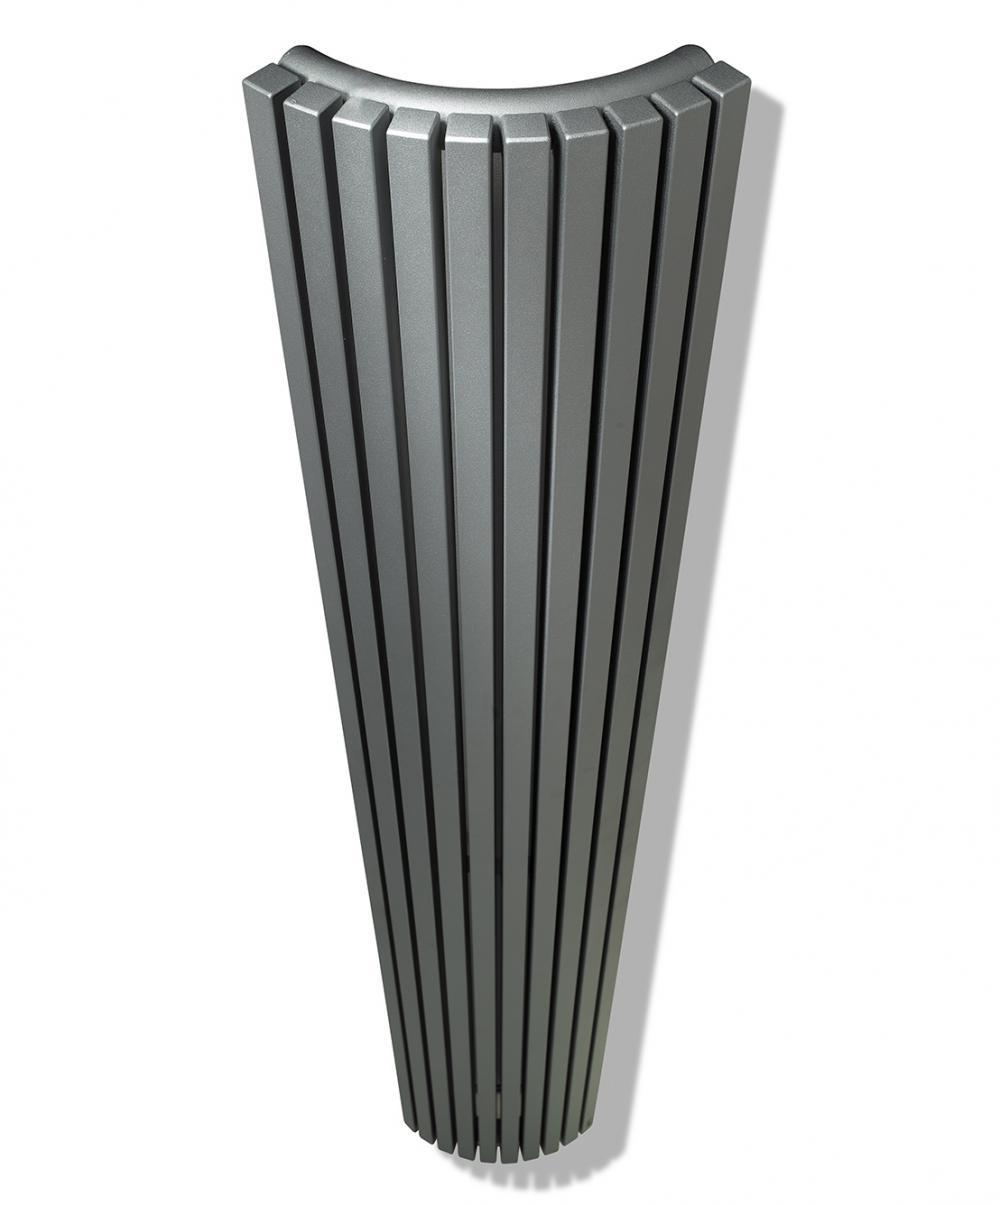 Calorifere decorative pentru colt Vasco Carre CR-A 1400x244 mm, 610 W